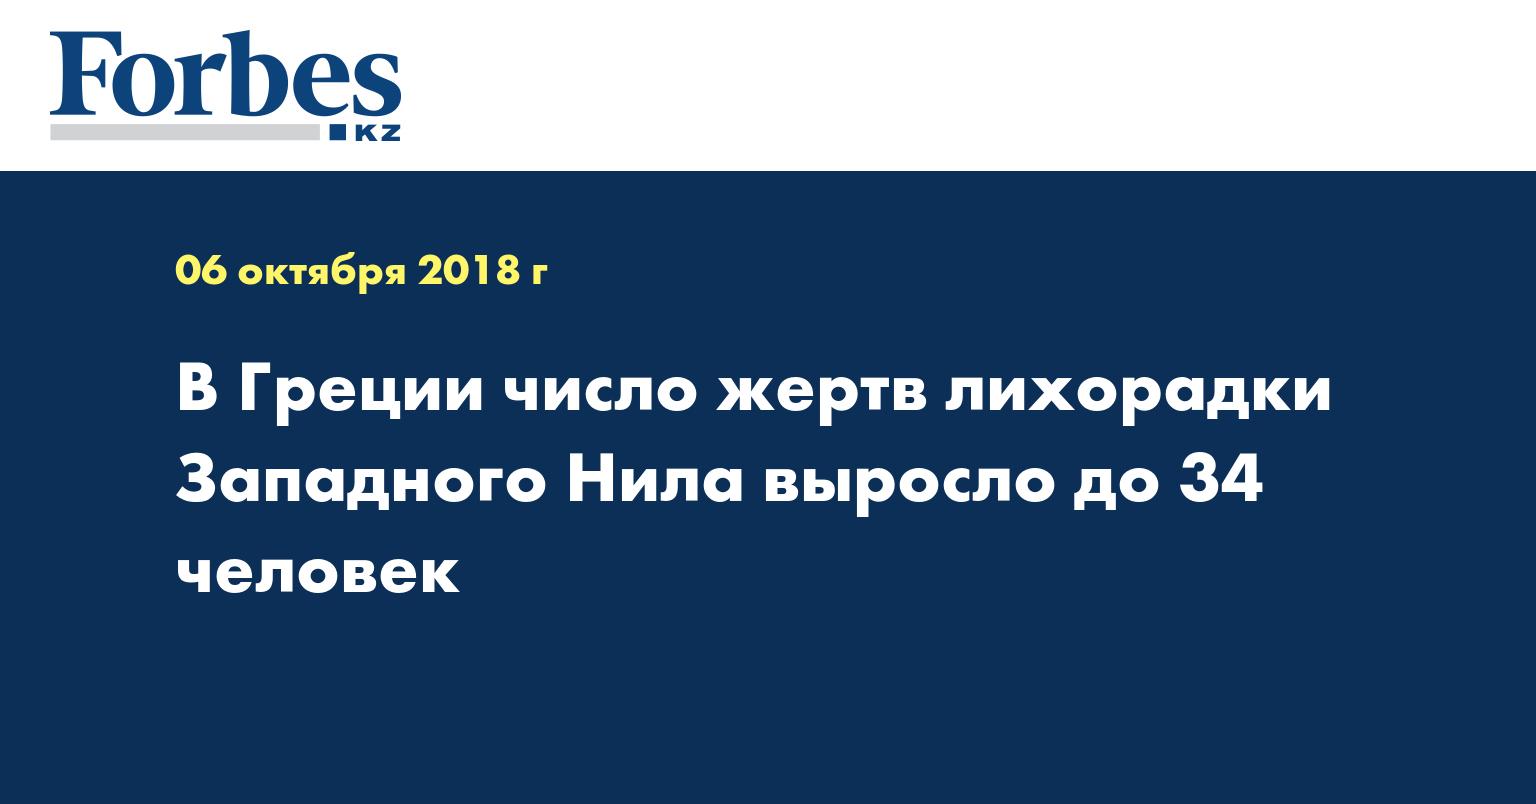 В Греции число жертв лихорадки Западного Нила выросло до 34 человек